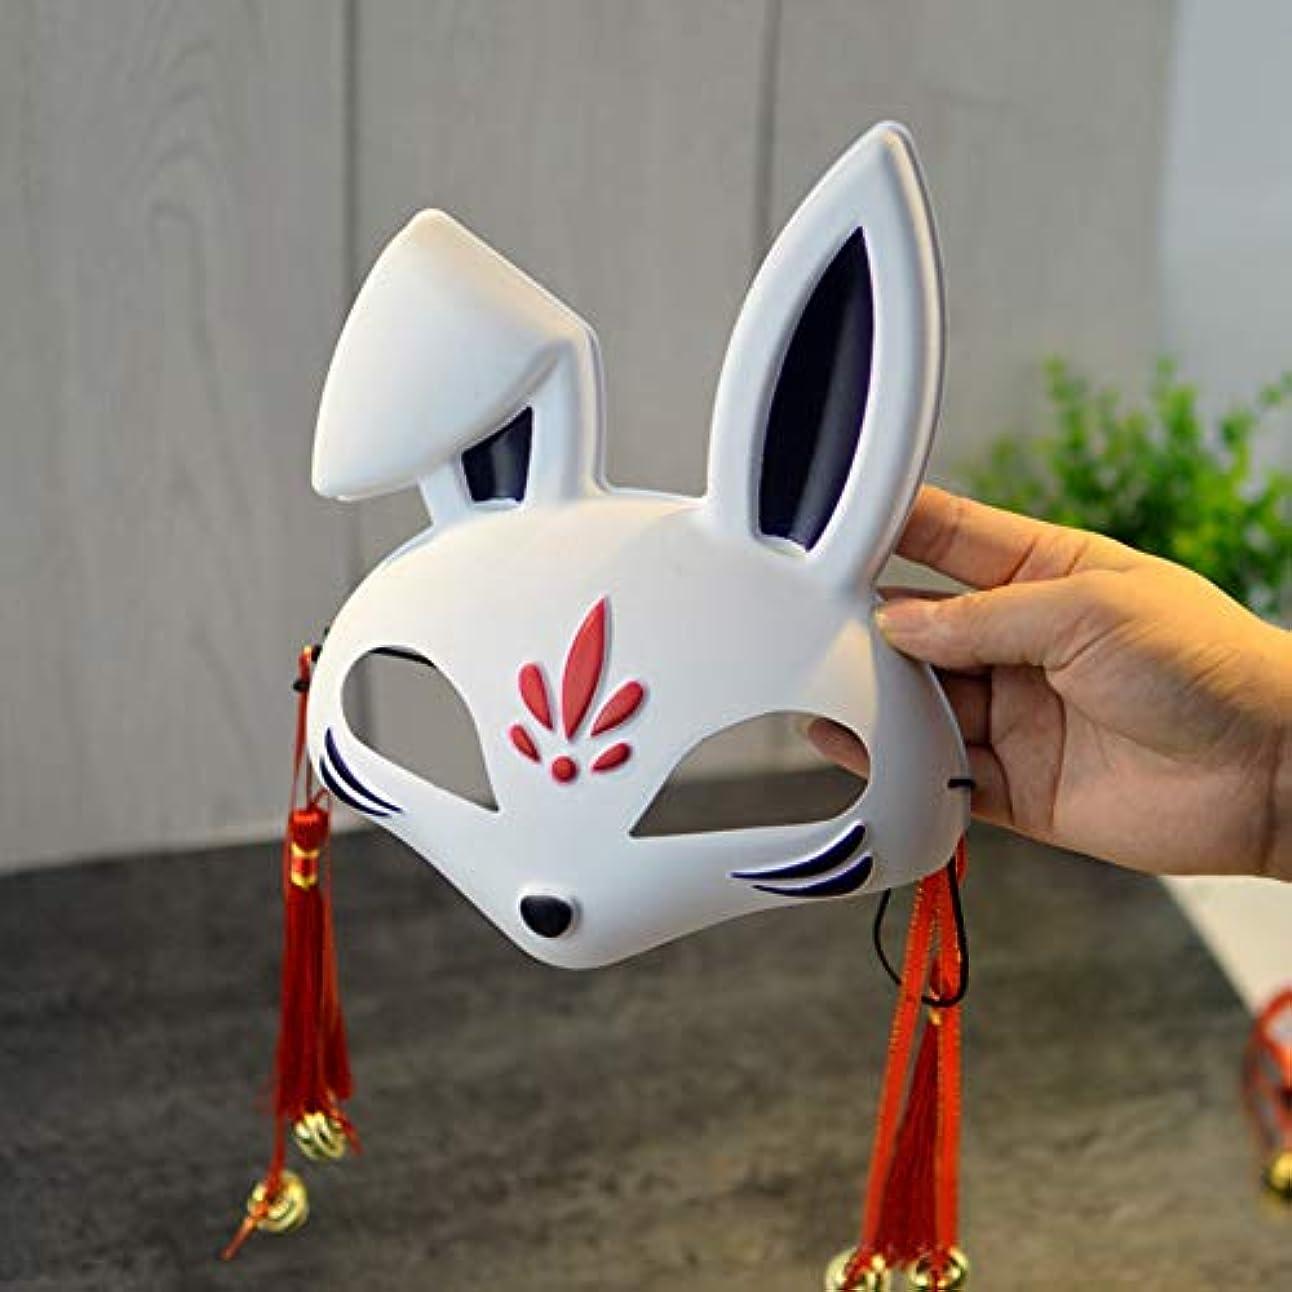 乳白自転車かんがいEsolom うさぎマスク 半顔 ロールプレイングマスク ハロウィーン仮装衣装 PVCストリートダンスマスク 手描きのマスク 仮面舞踏会マスク